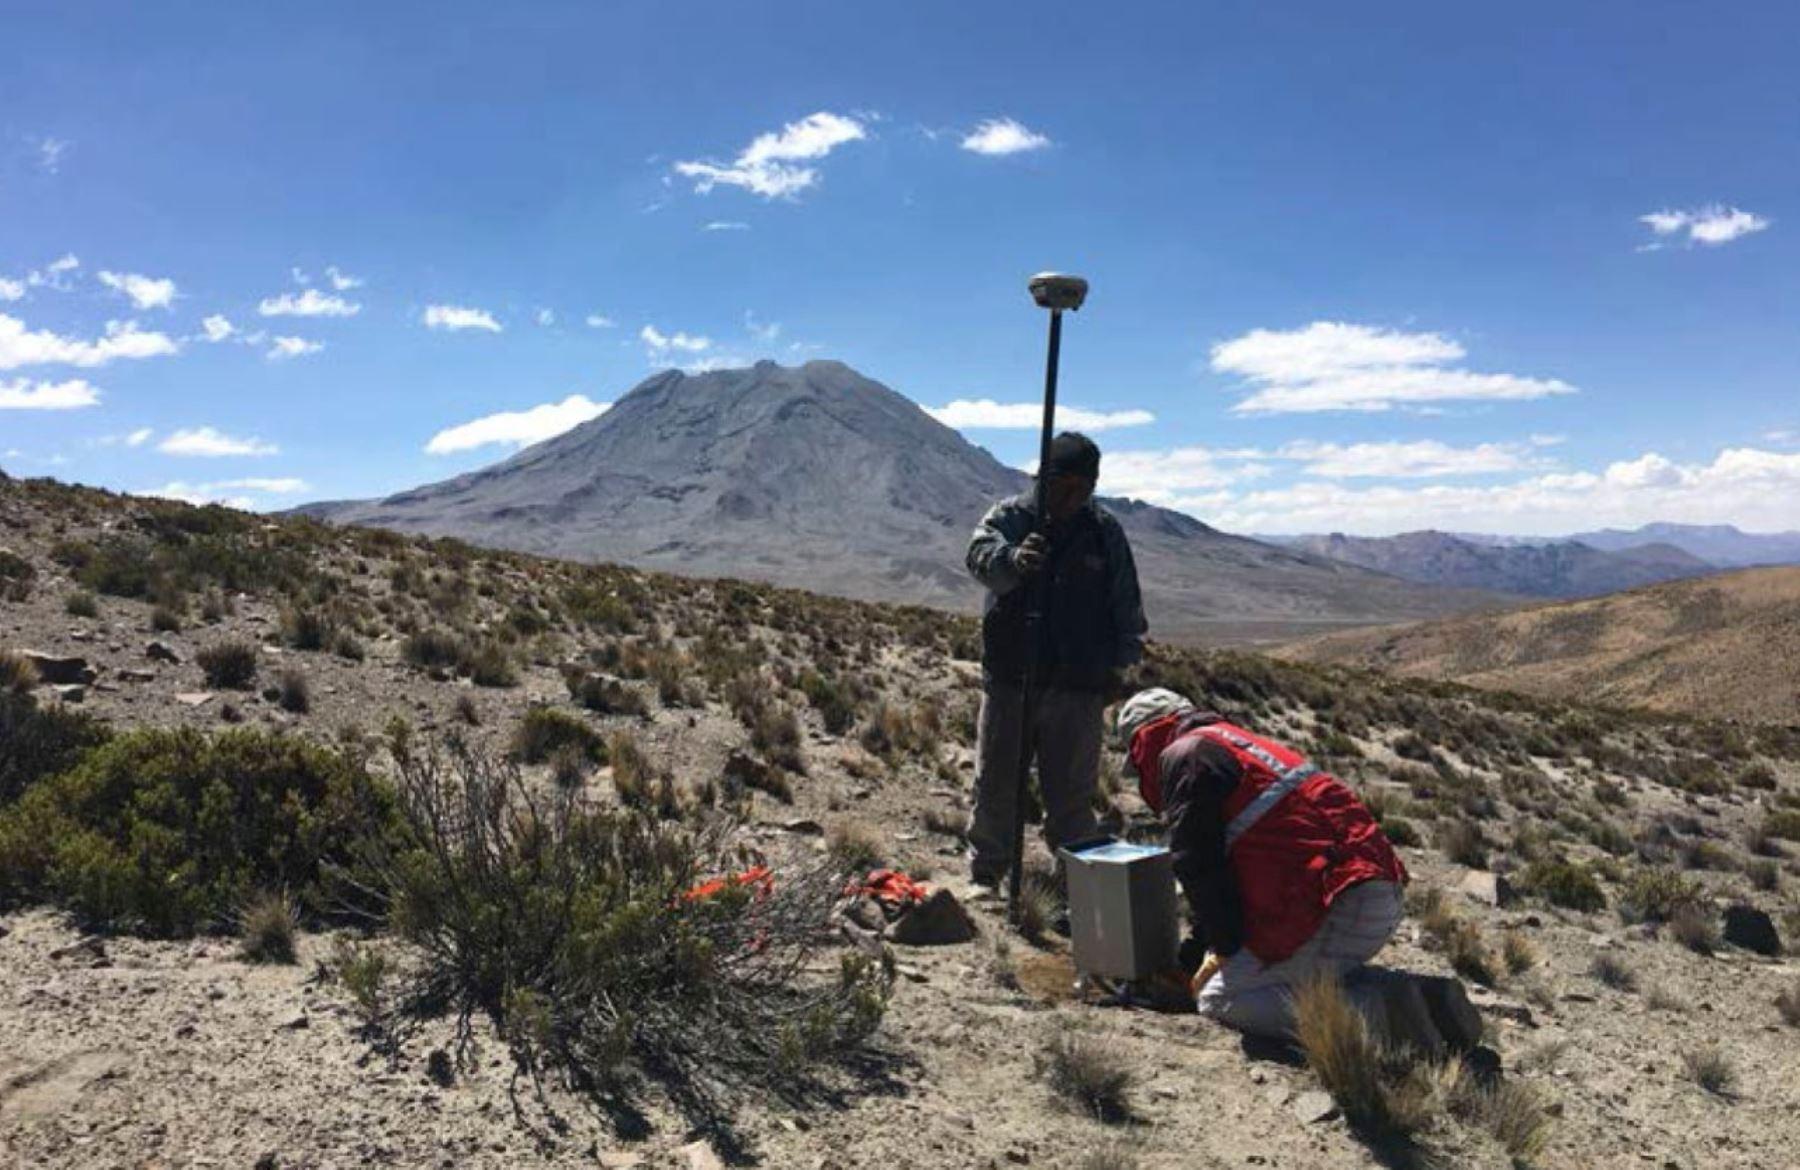 Ingemmet resalta el potencial de la región Moquegua para generar energía limpia gracias a sus recursos geotérmicos. ANDINA/Difusión